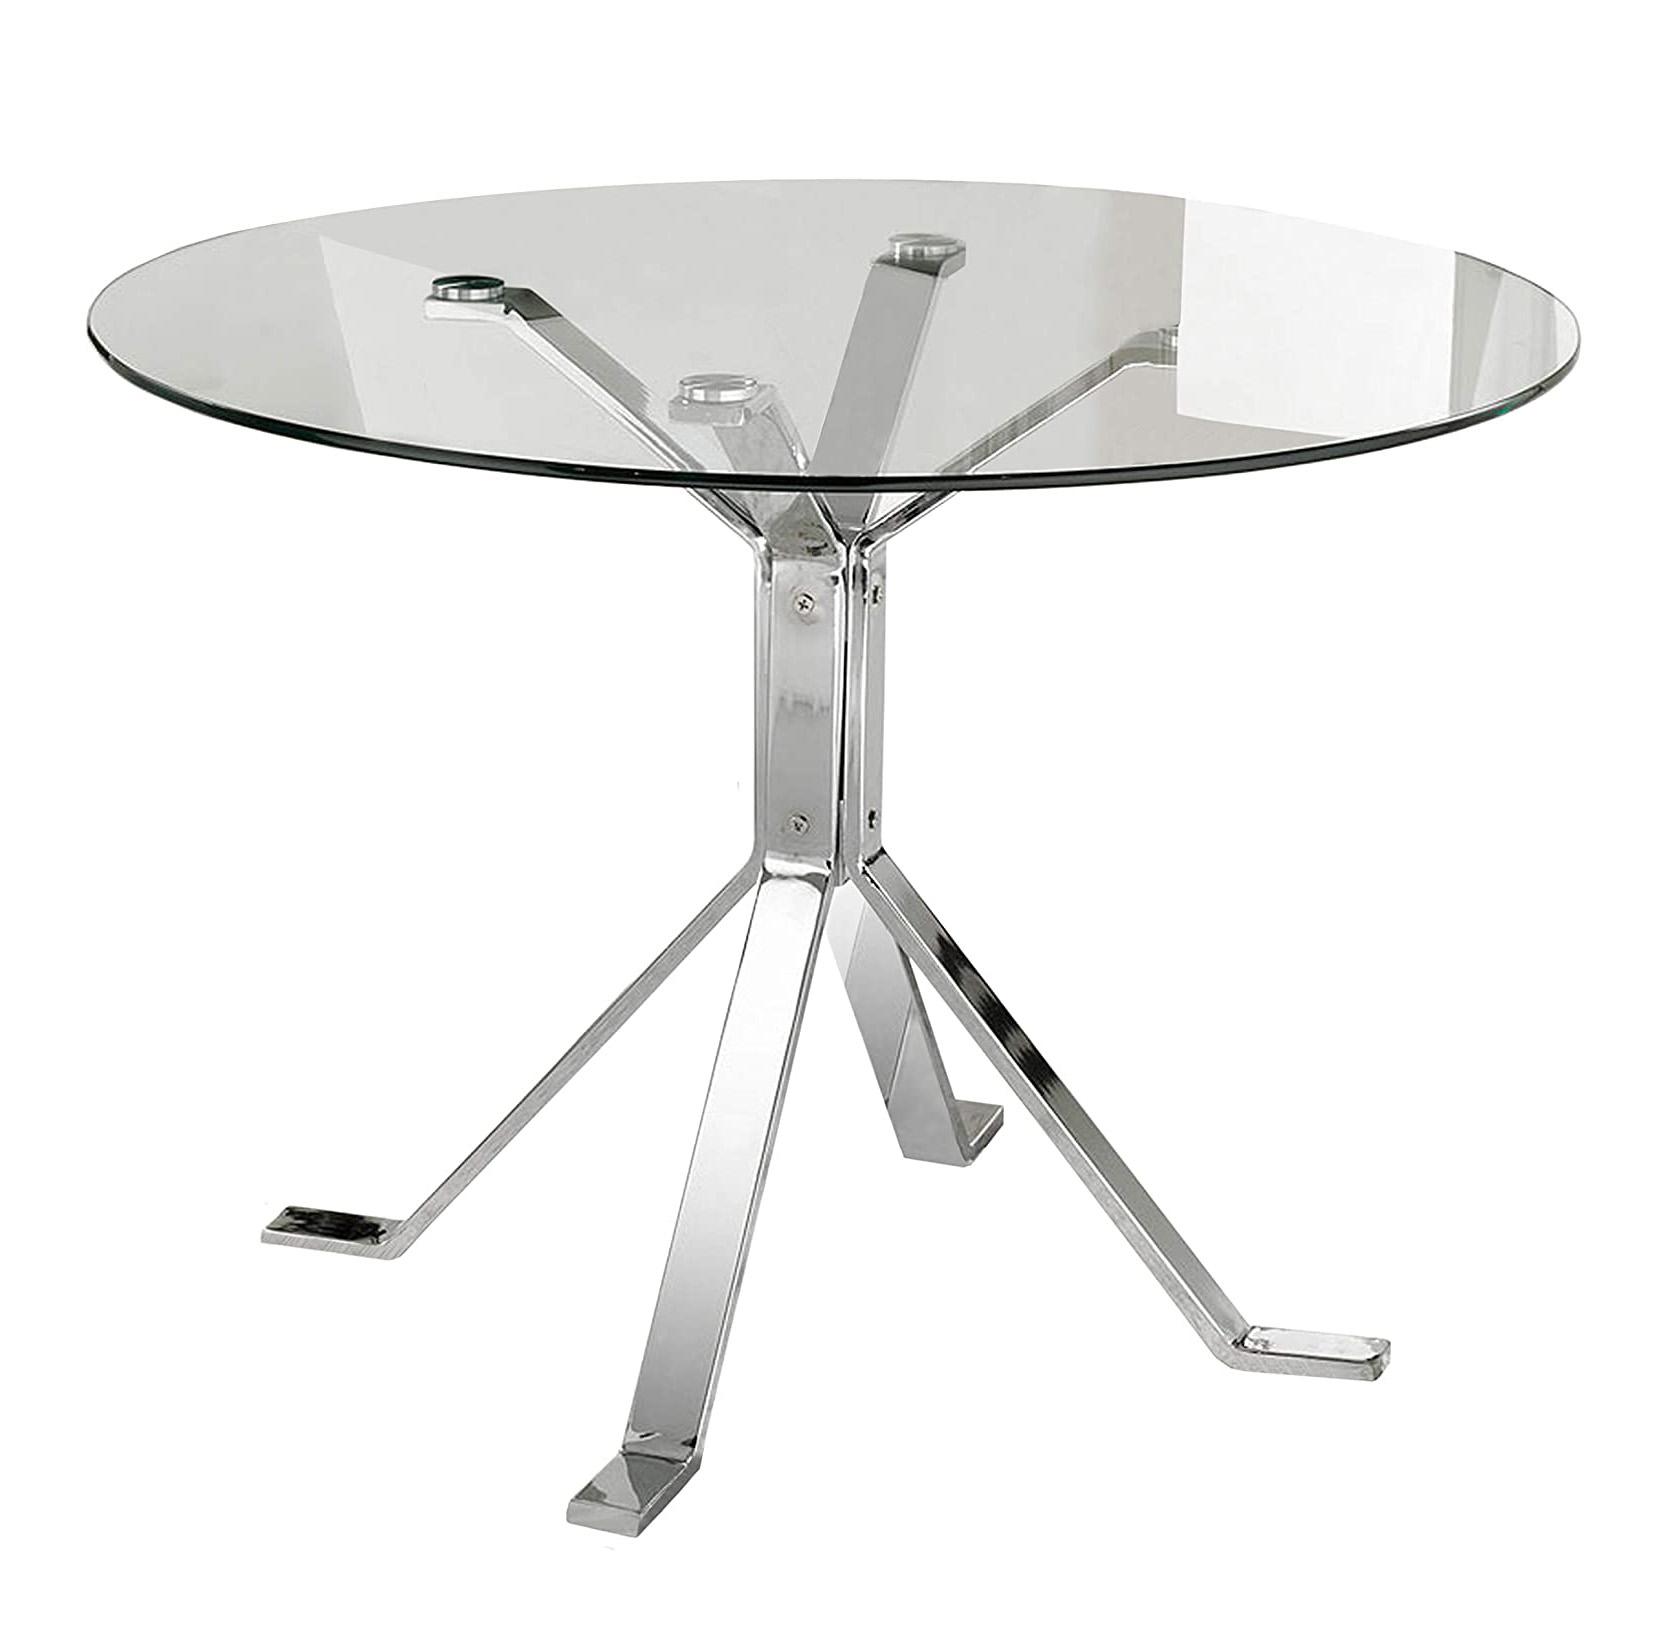 mesa transparente de comedor de centro auxiliar de cristal y metal tienda online de artículos transparentes